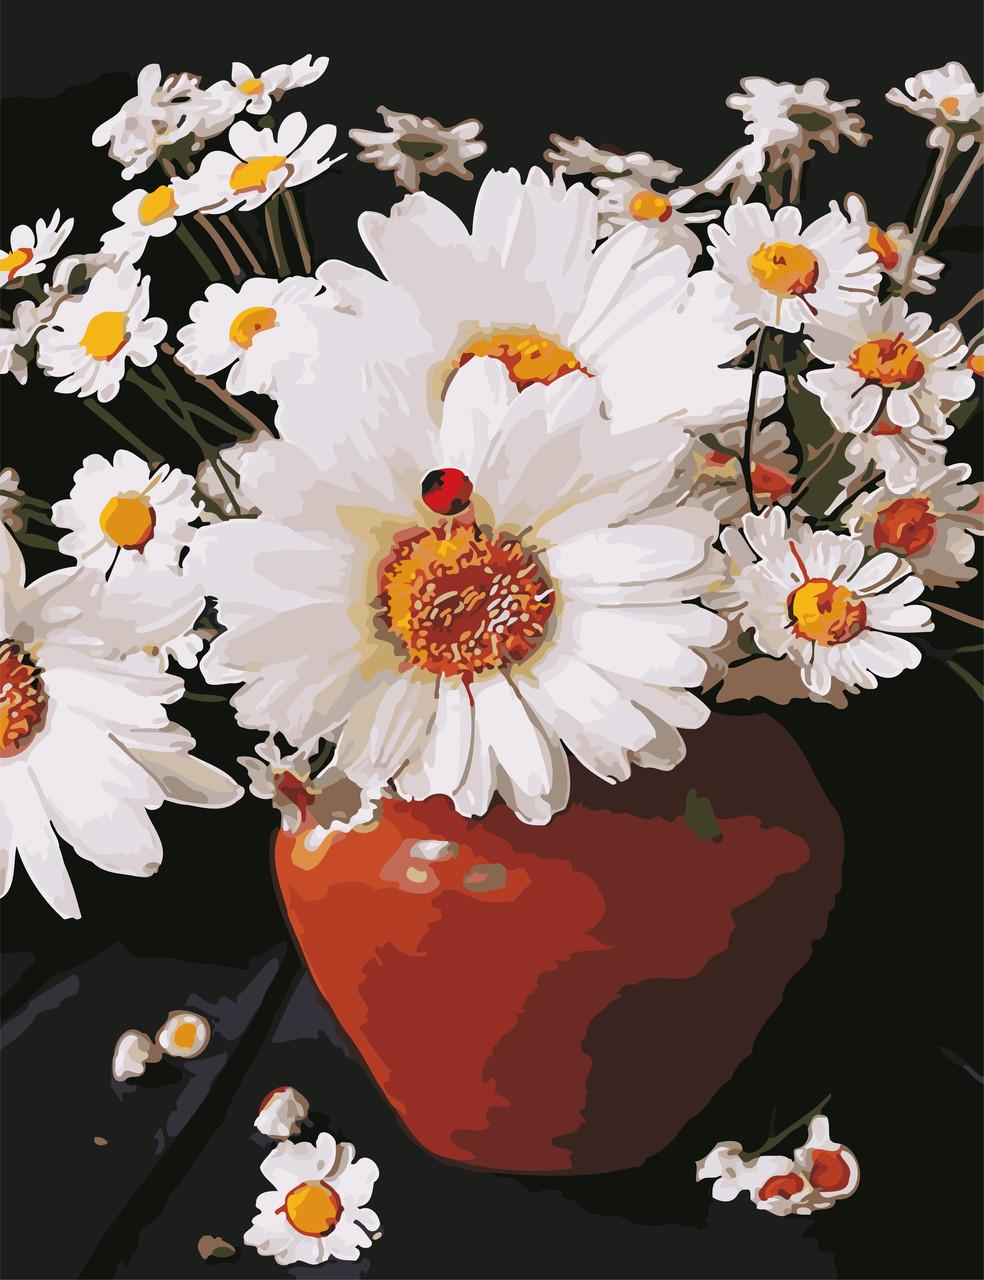 Художественный творческий набор, картина по номерам Ромашки в кувшине, 50x65 см, «Art Story» (AS0648)